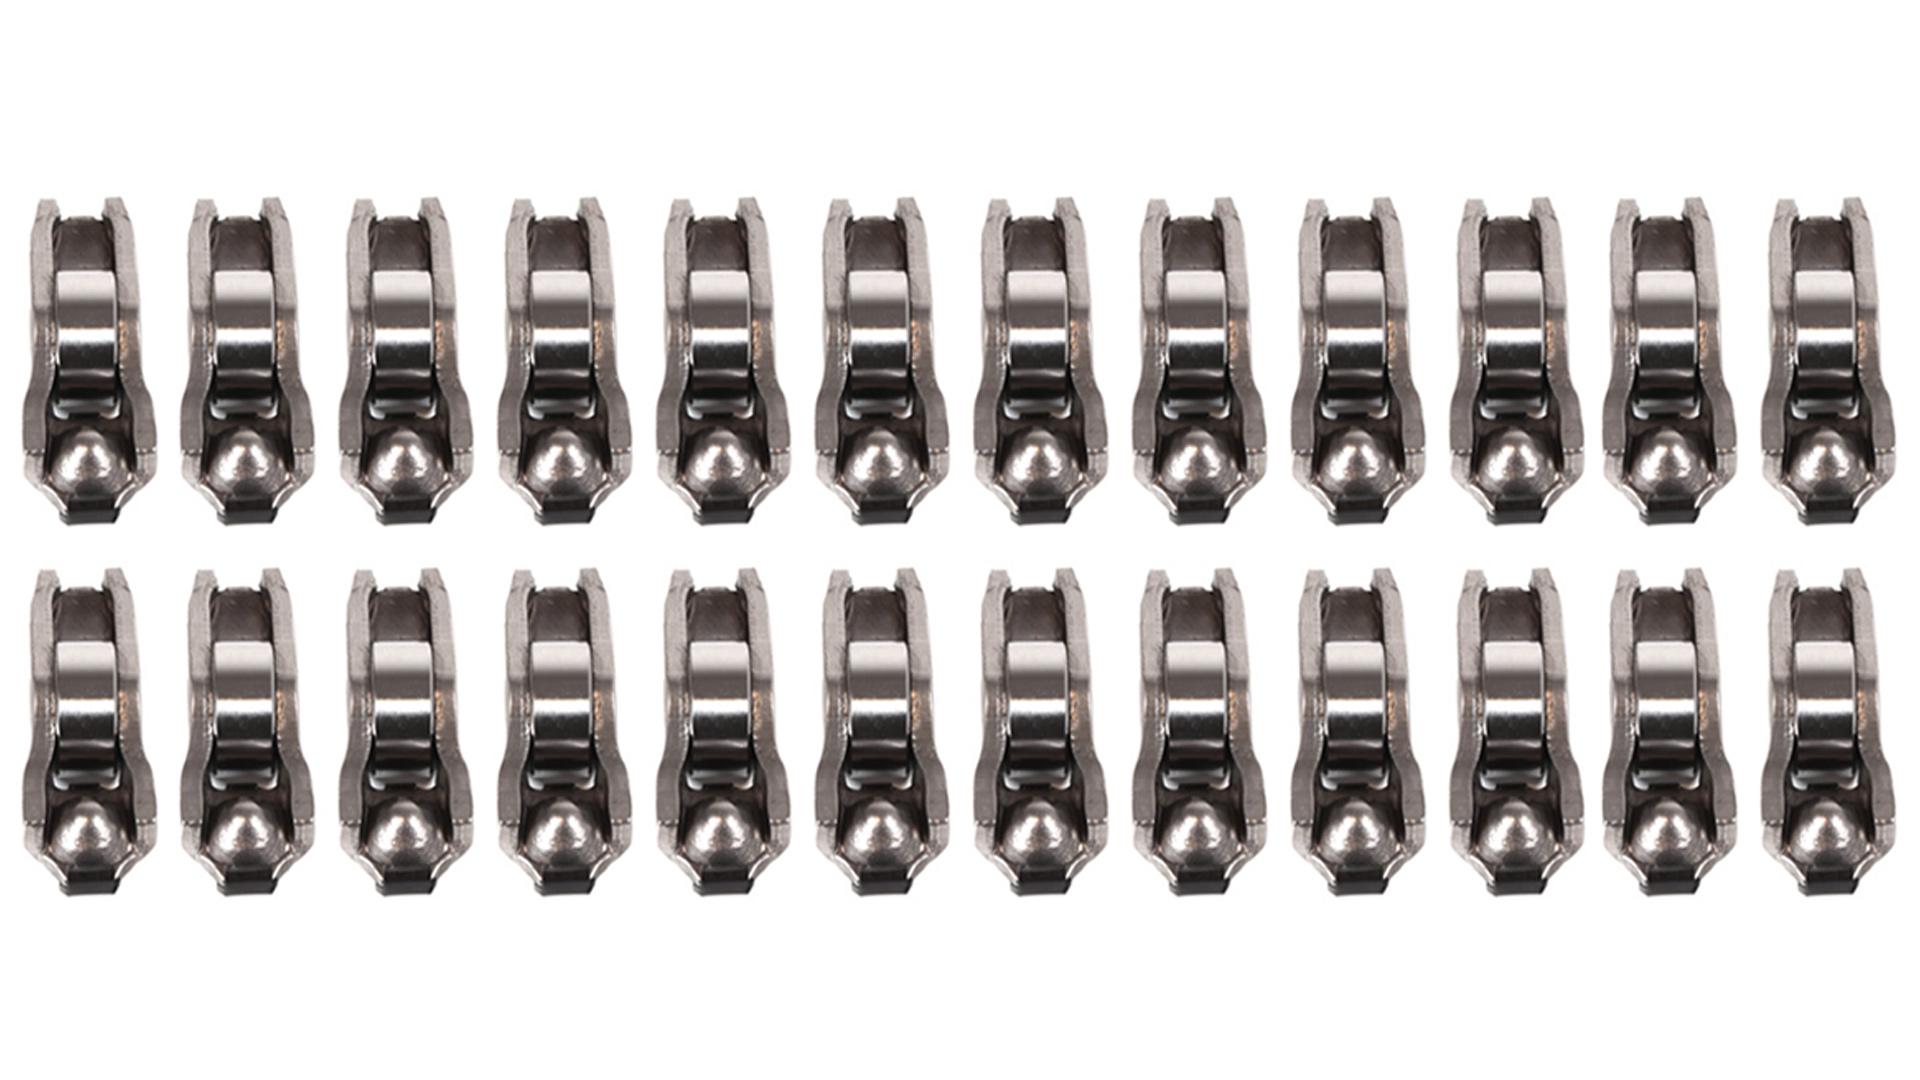 24x Levier de bascule levier oscillant Audi A6 2,8 FSI CCE CCD CCEA CCDA NOUVEAU